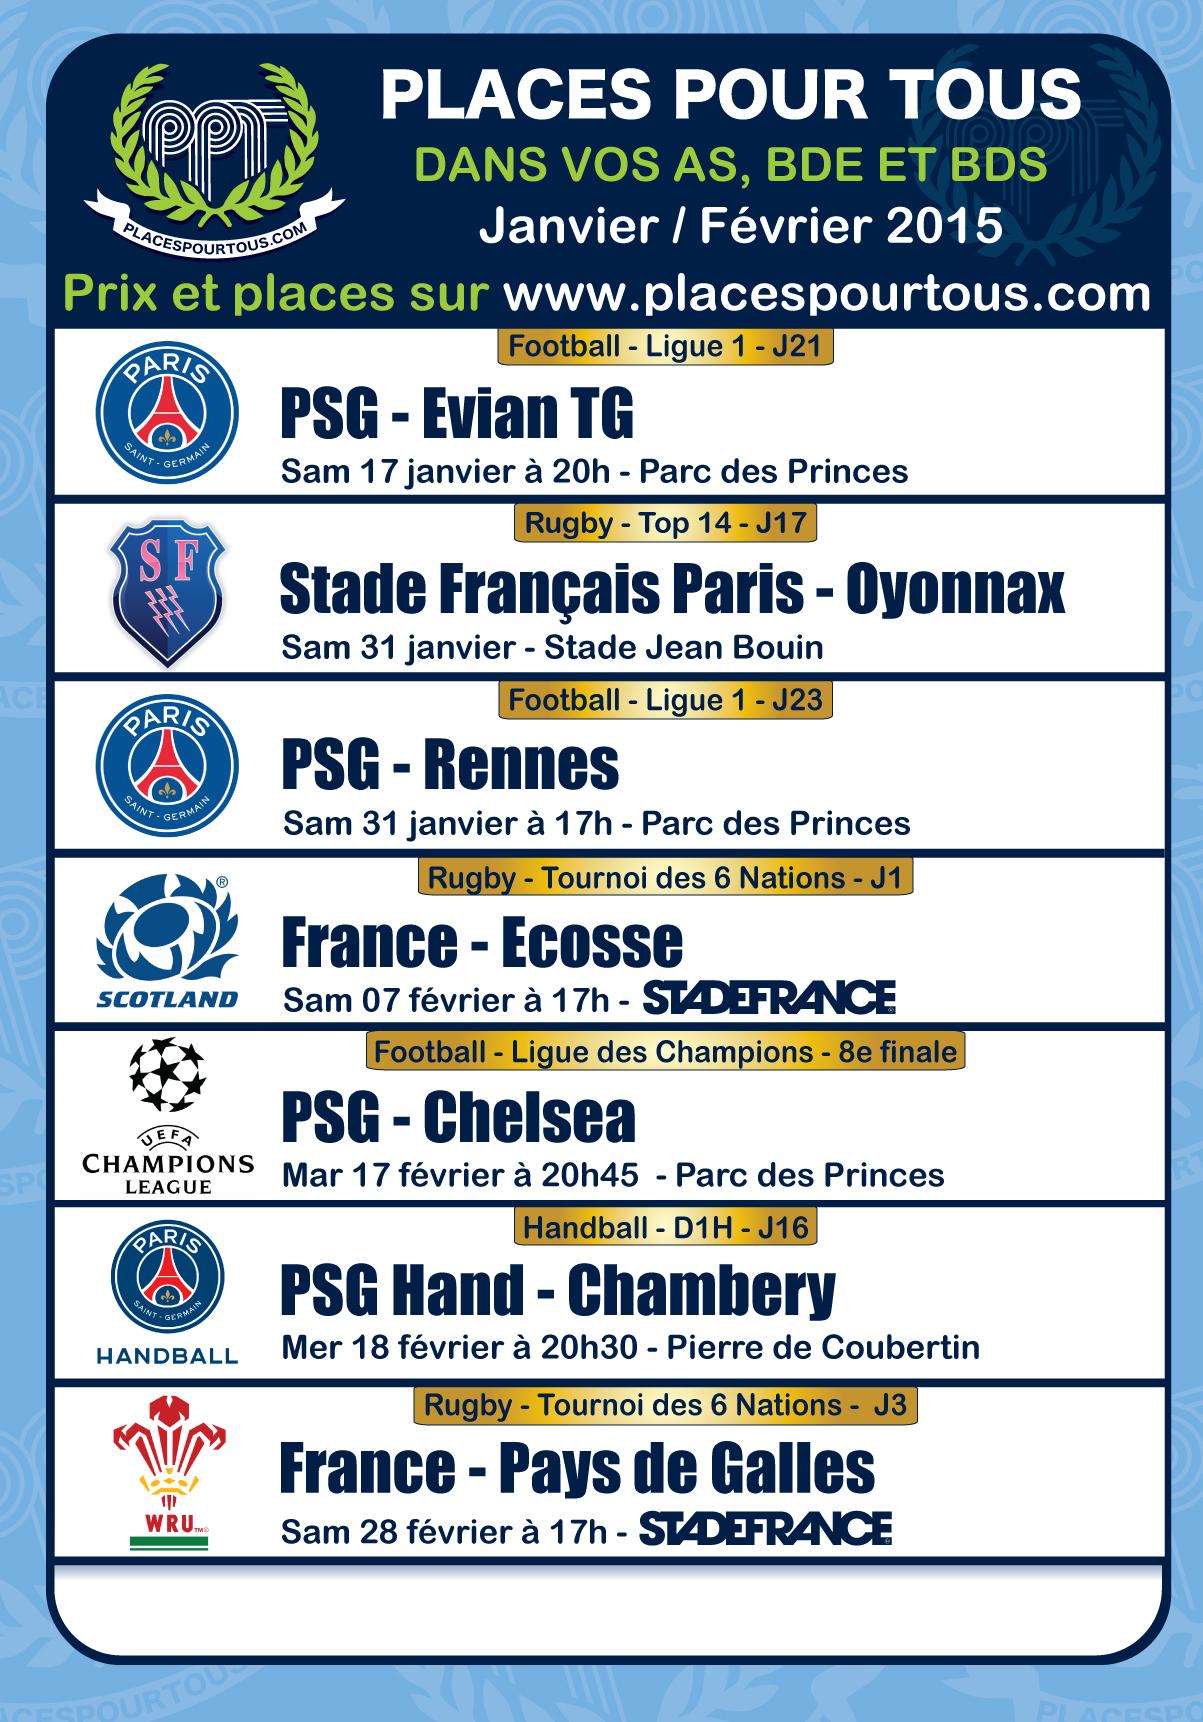 Les 1eres affiches de 2015 psg bordeaux 6 nations psg chelsea places pour tous - Coupe des 6 nations 2015 ...